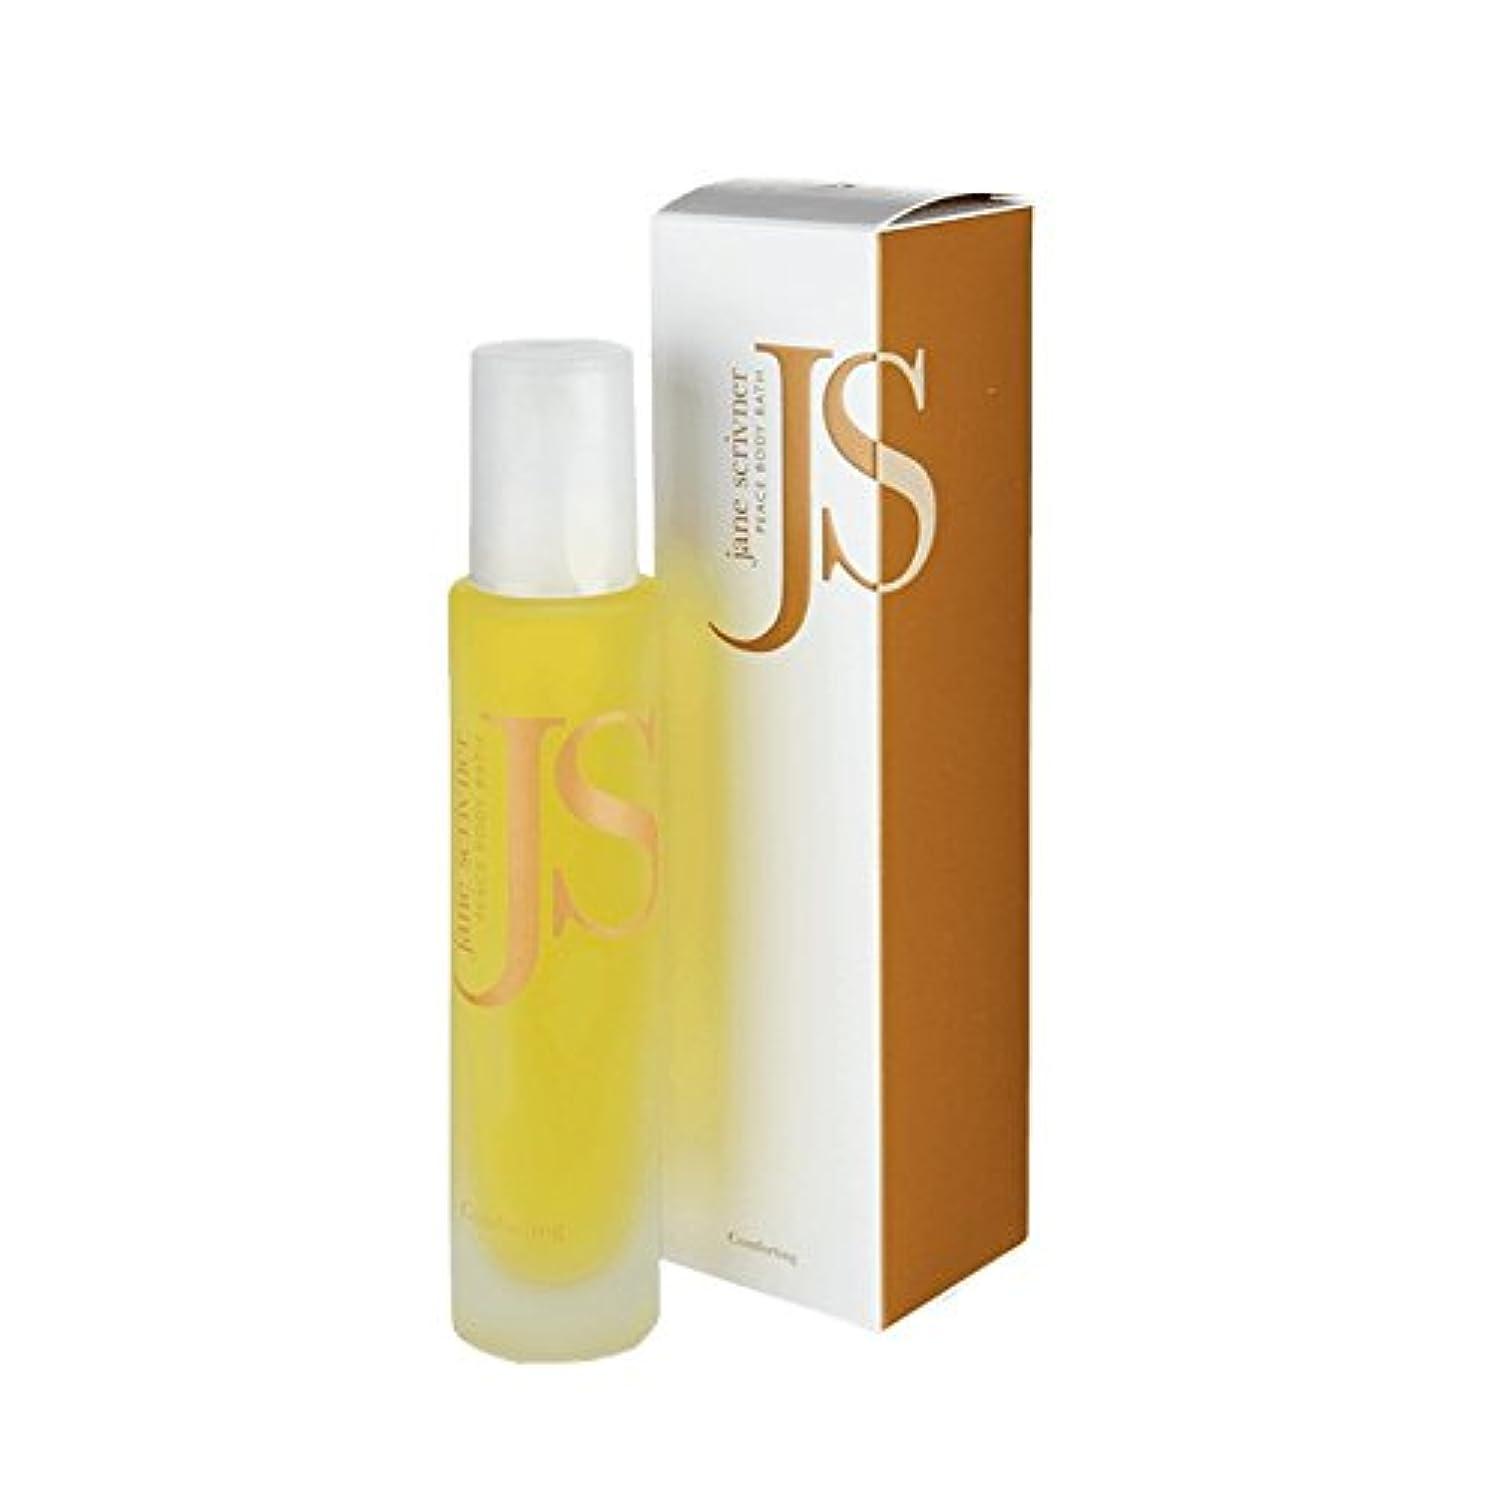 イサカ間違っている検索エンジン最適化Jane Scrivner Body Bath Oil Peace 100ml (Pack of 2) - ジェーンScrivnerボディバスオイル平和100ミリリットル (x2) [並行輸入品]